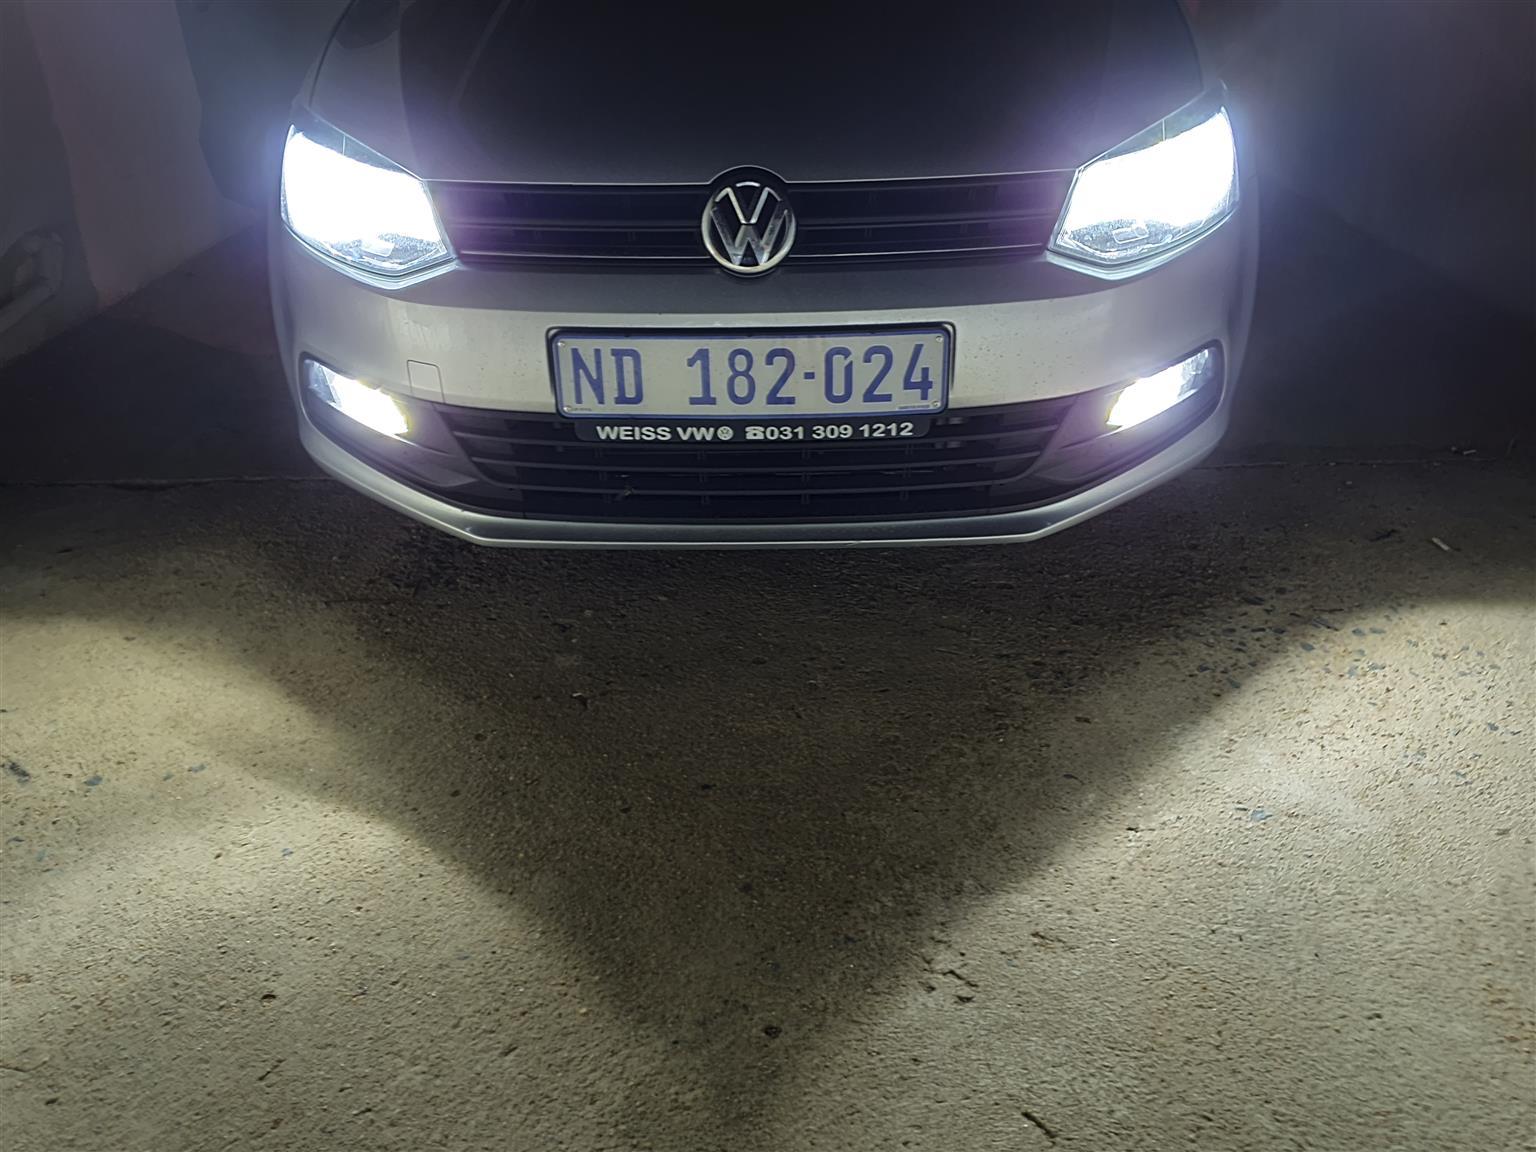 2019 VW Polo Vivo 5 door 1.4